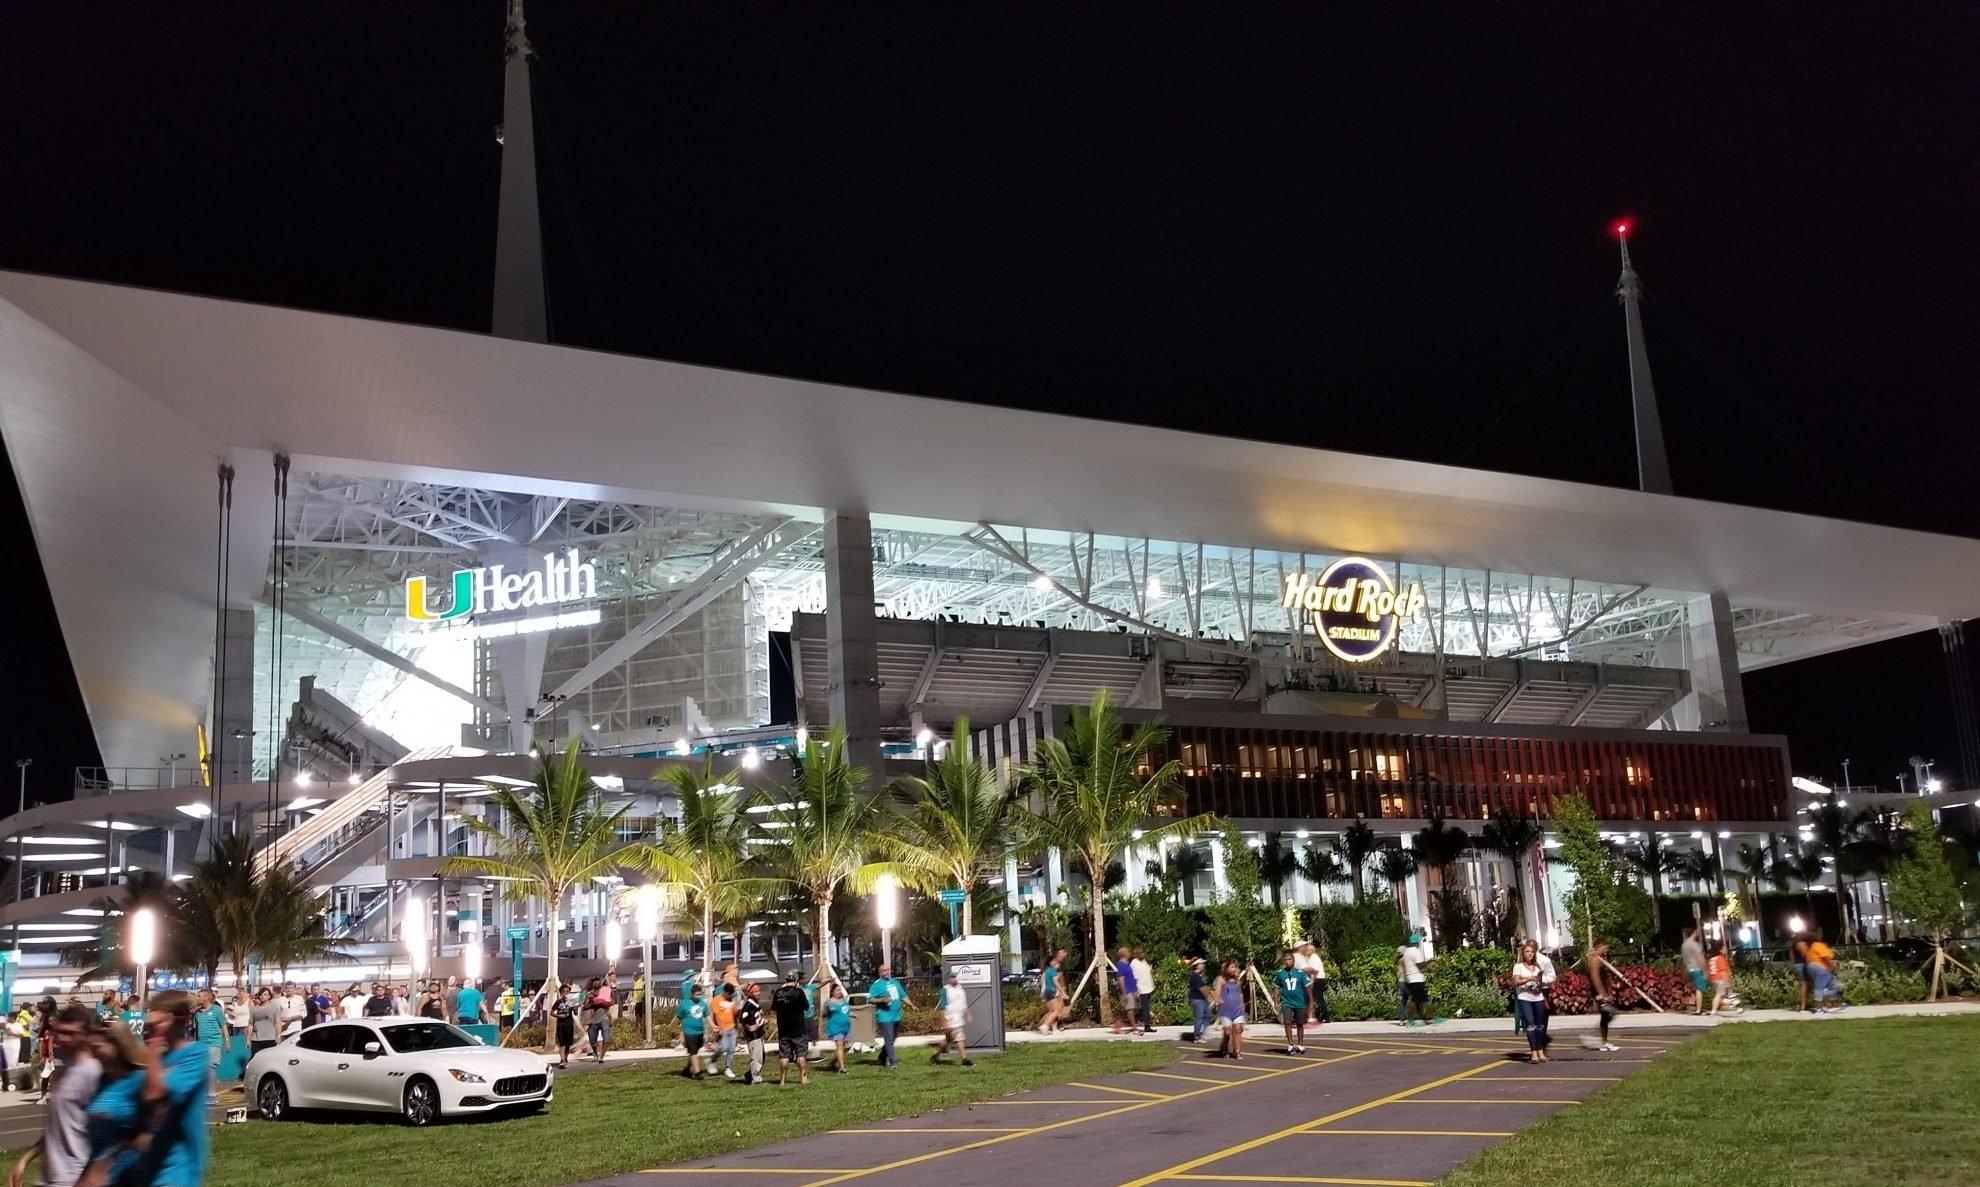 Sieben Fakten Zum Super Bowl Liv In Miami • Footballr with regard to Super Bowl Miami Hotels